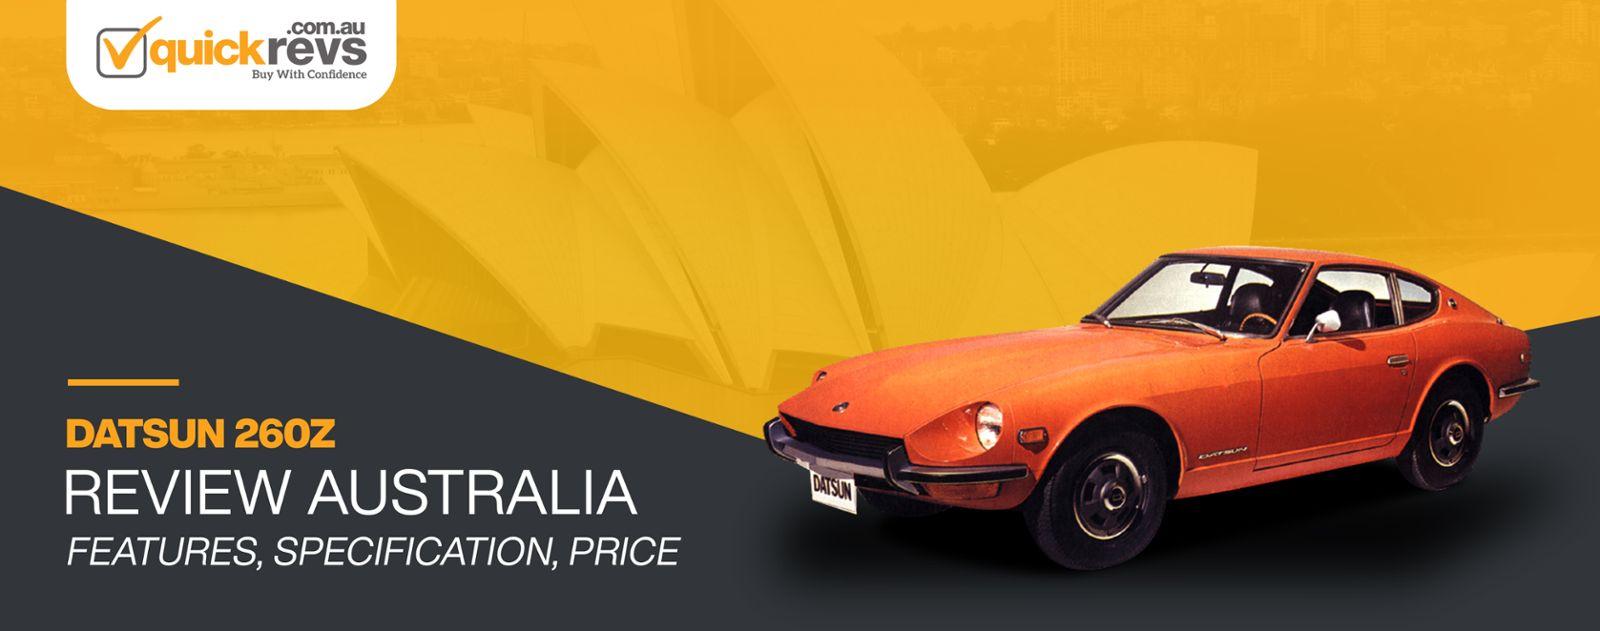 Datsun 260z Review Australia